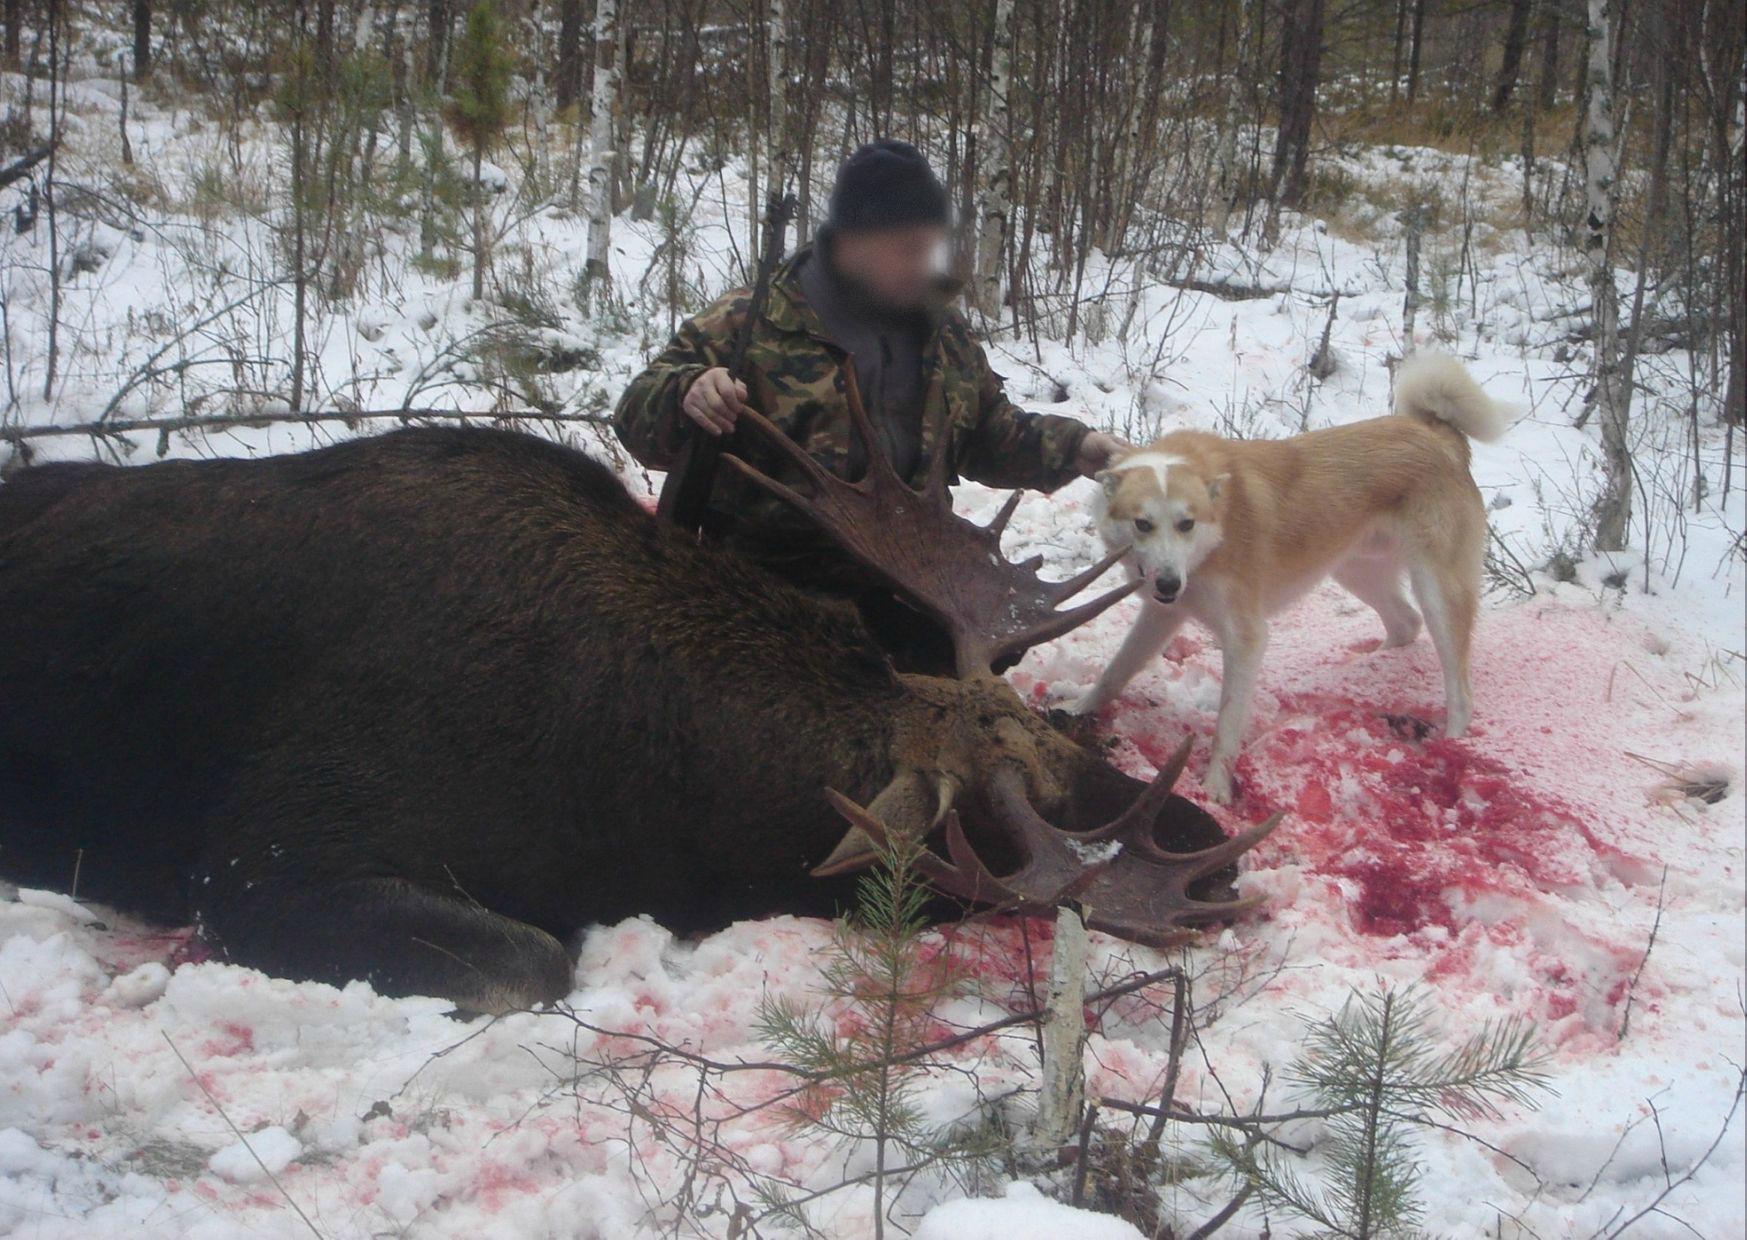 Традиция убивать: о высокостатусных браконьерах